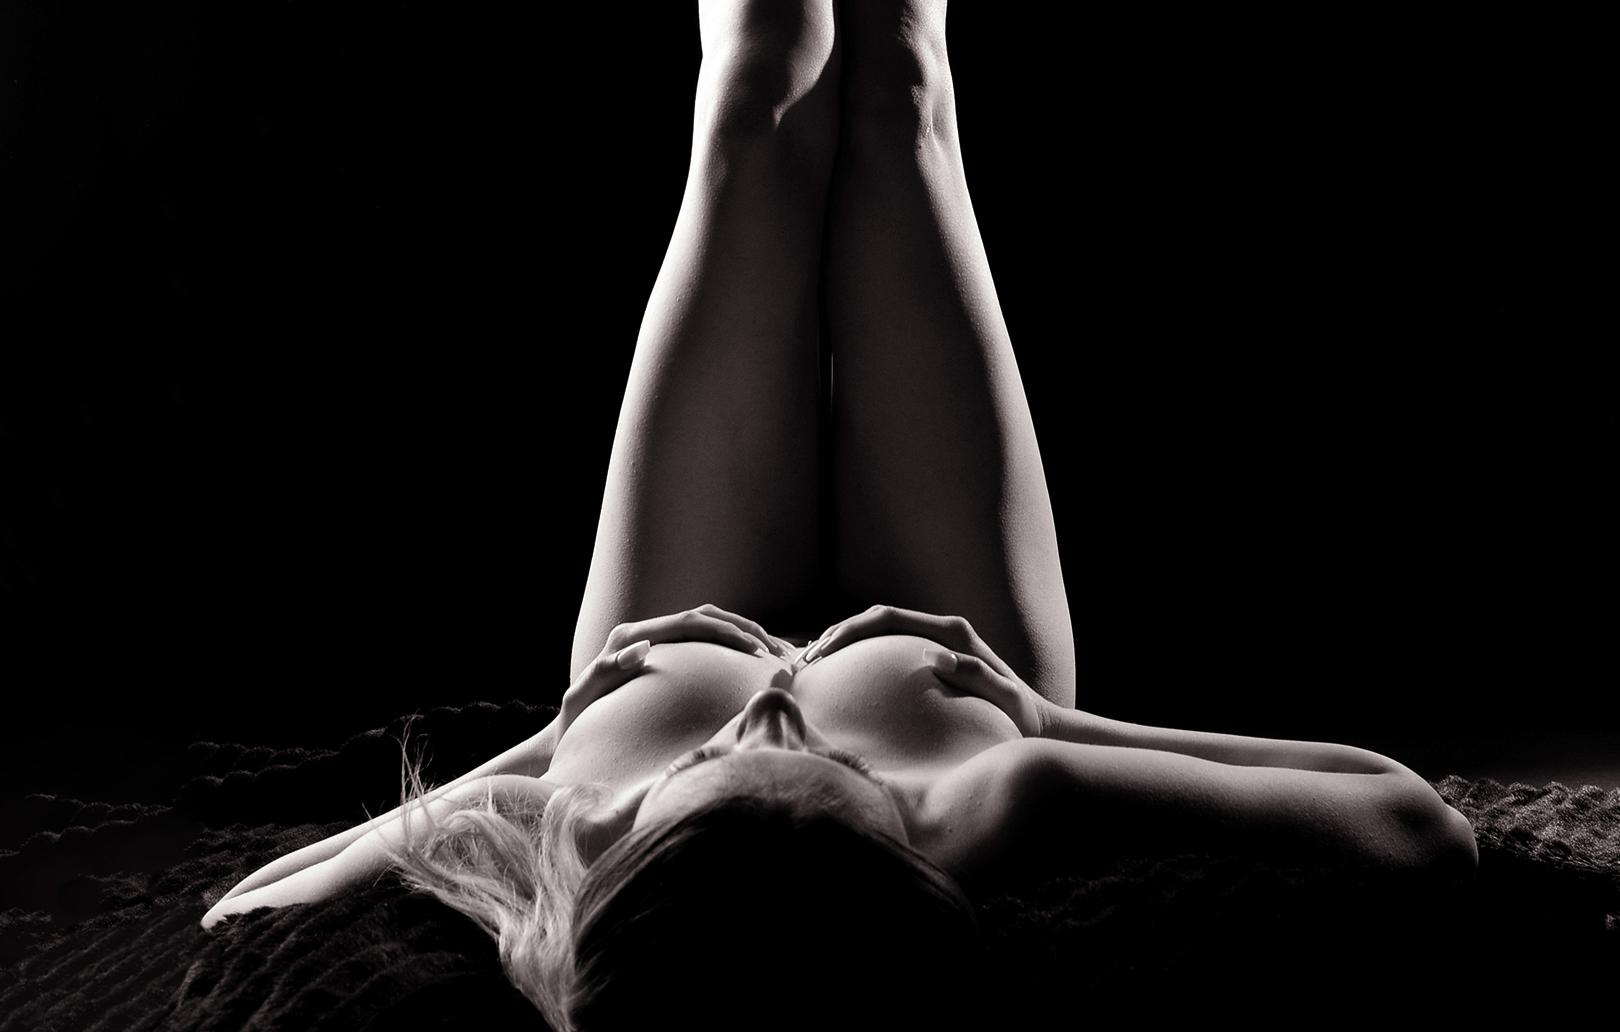 erotisches-fotoshooting-nuernberg-bg21610533862